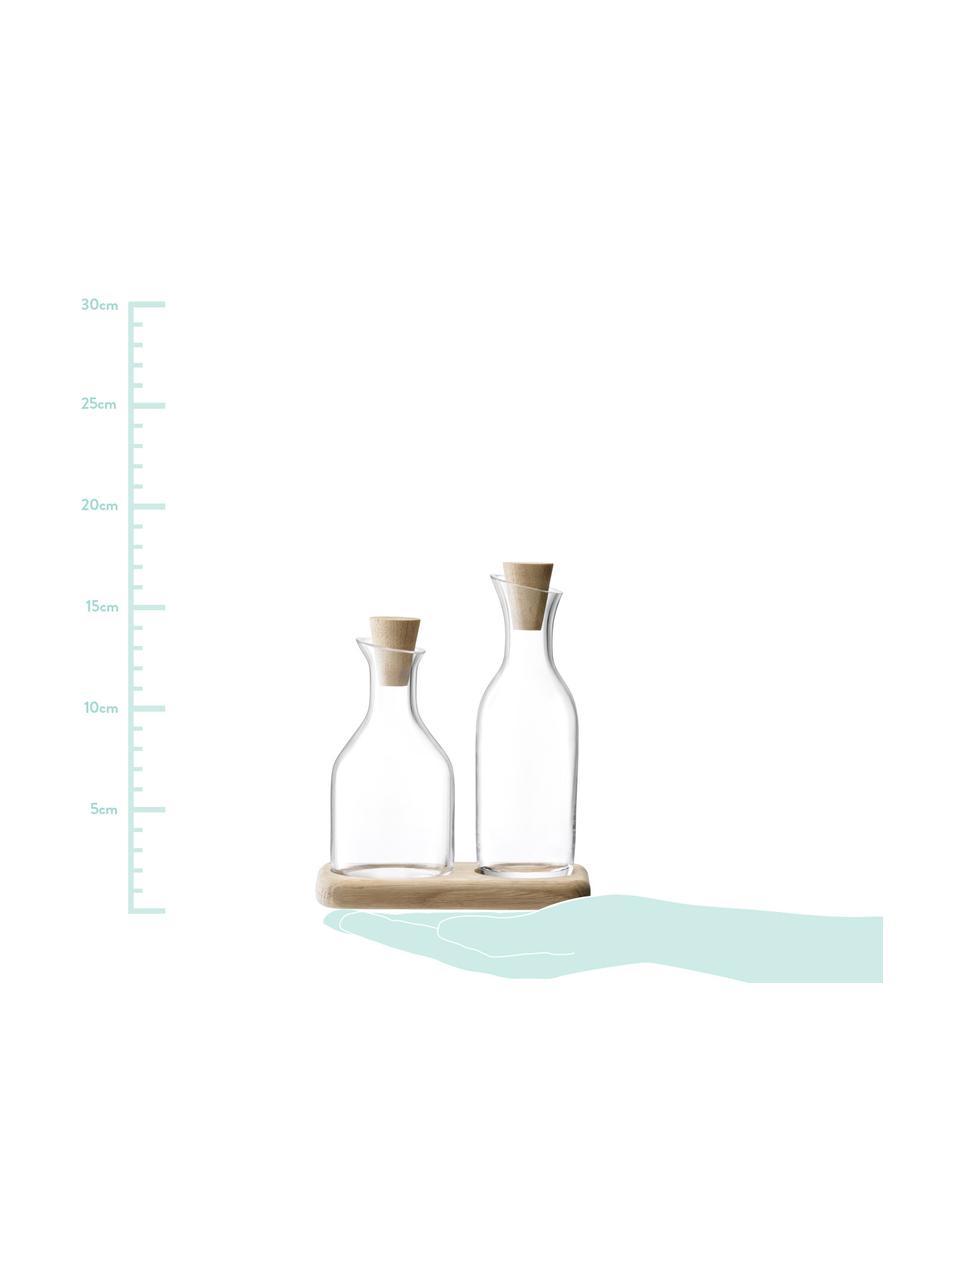 Essig- und Öl-Spender Serve aus Glas und Eichenholz, 3er-Set, Spender: TransparentUnterteil: EichenholzVerschlüsse: Eichenholz, Sondergrößen